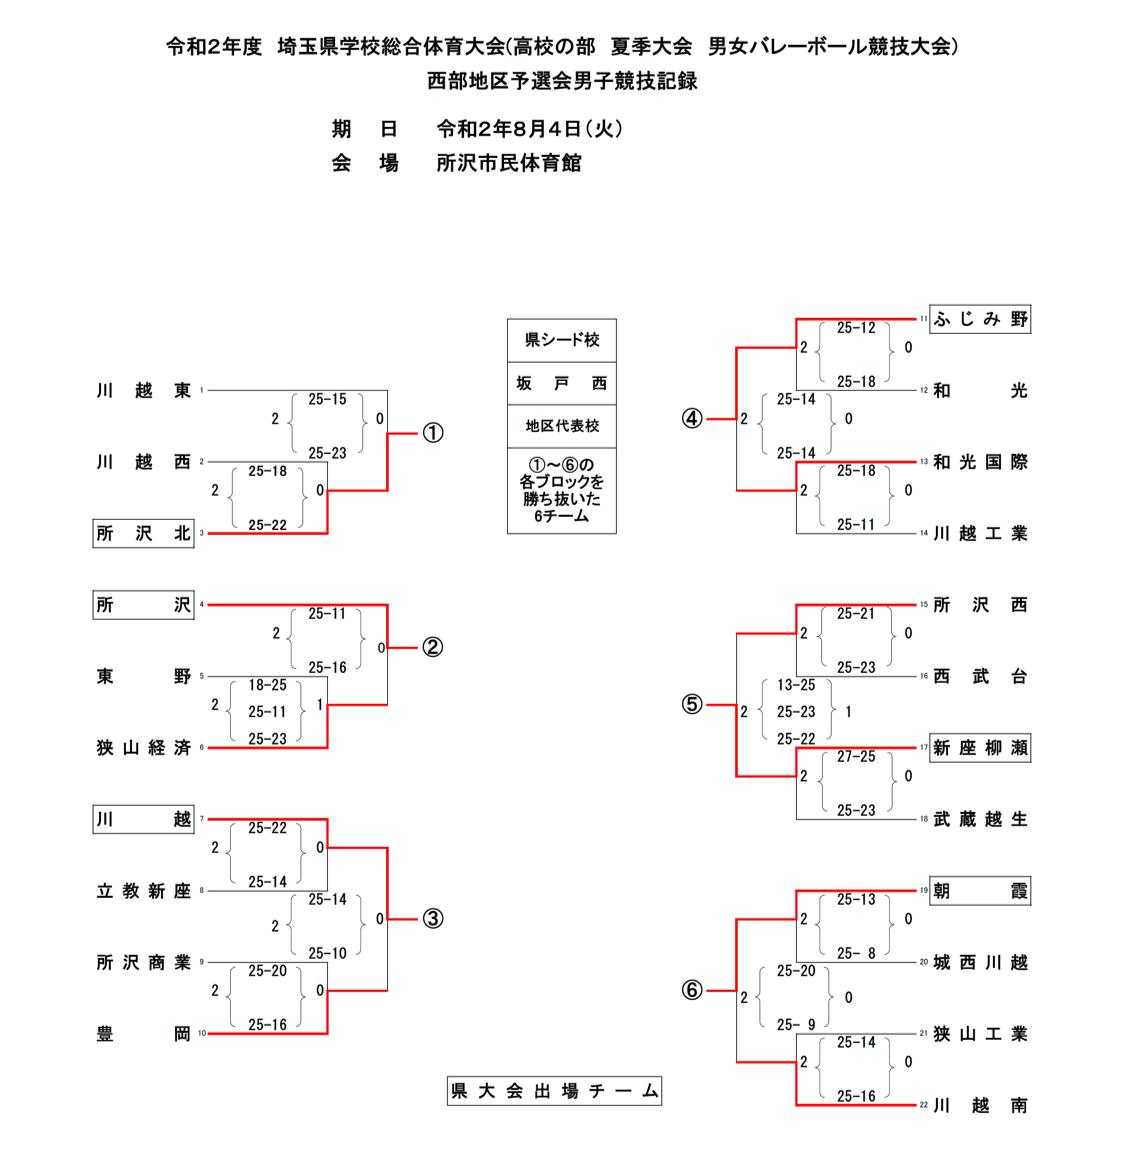 2020_埼玉県_県西地区_夏季大会_男子_結果